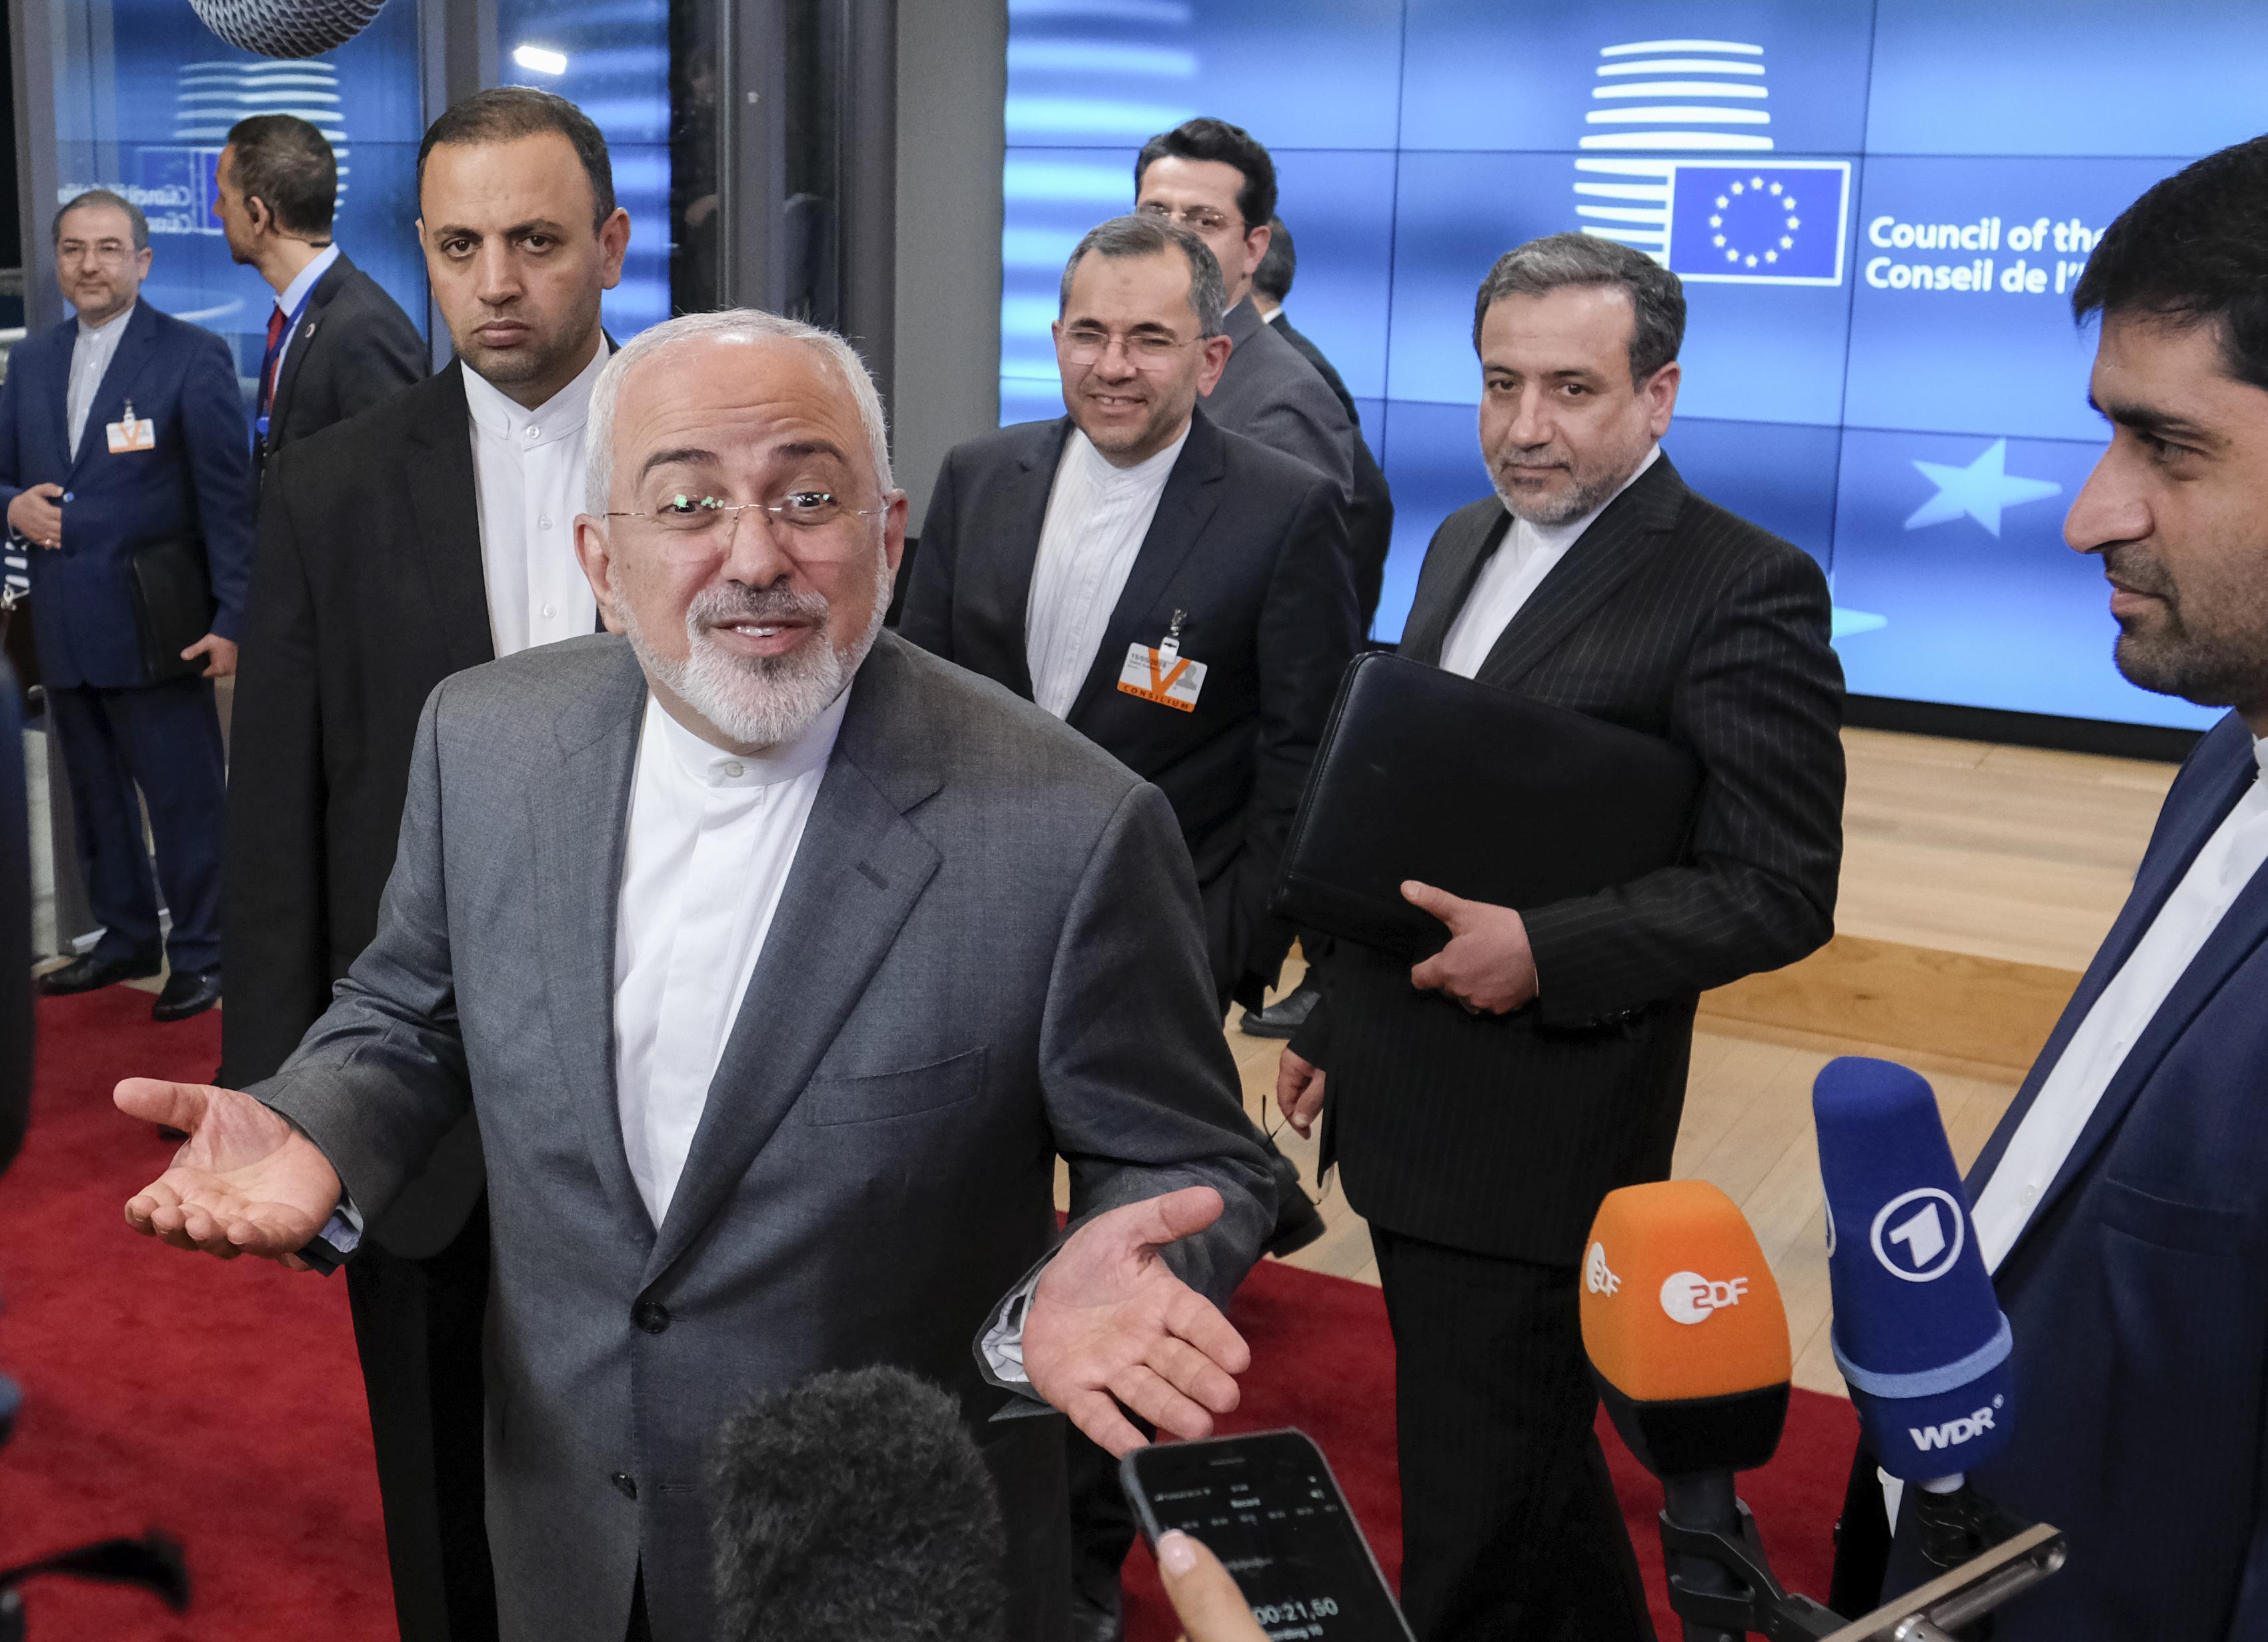 Tehran Irans Zarif Sends Jewish New Year Greetings On Twitter